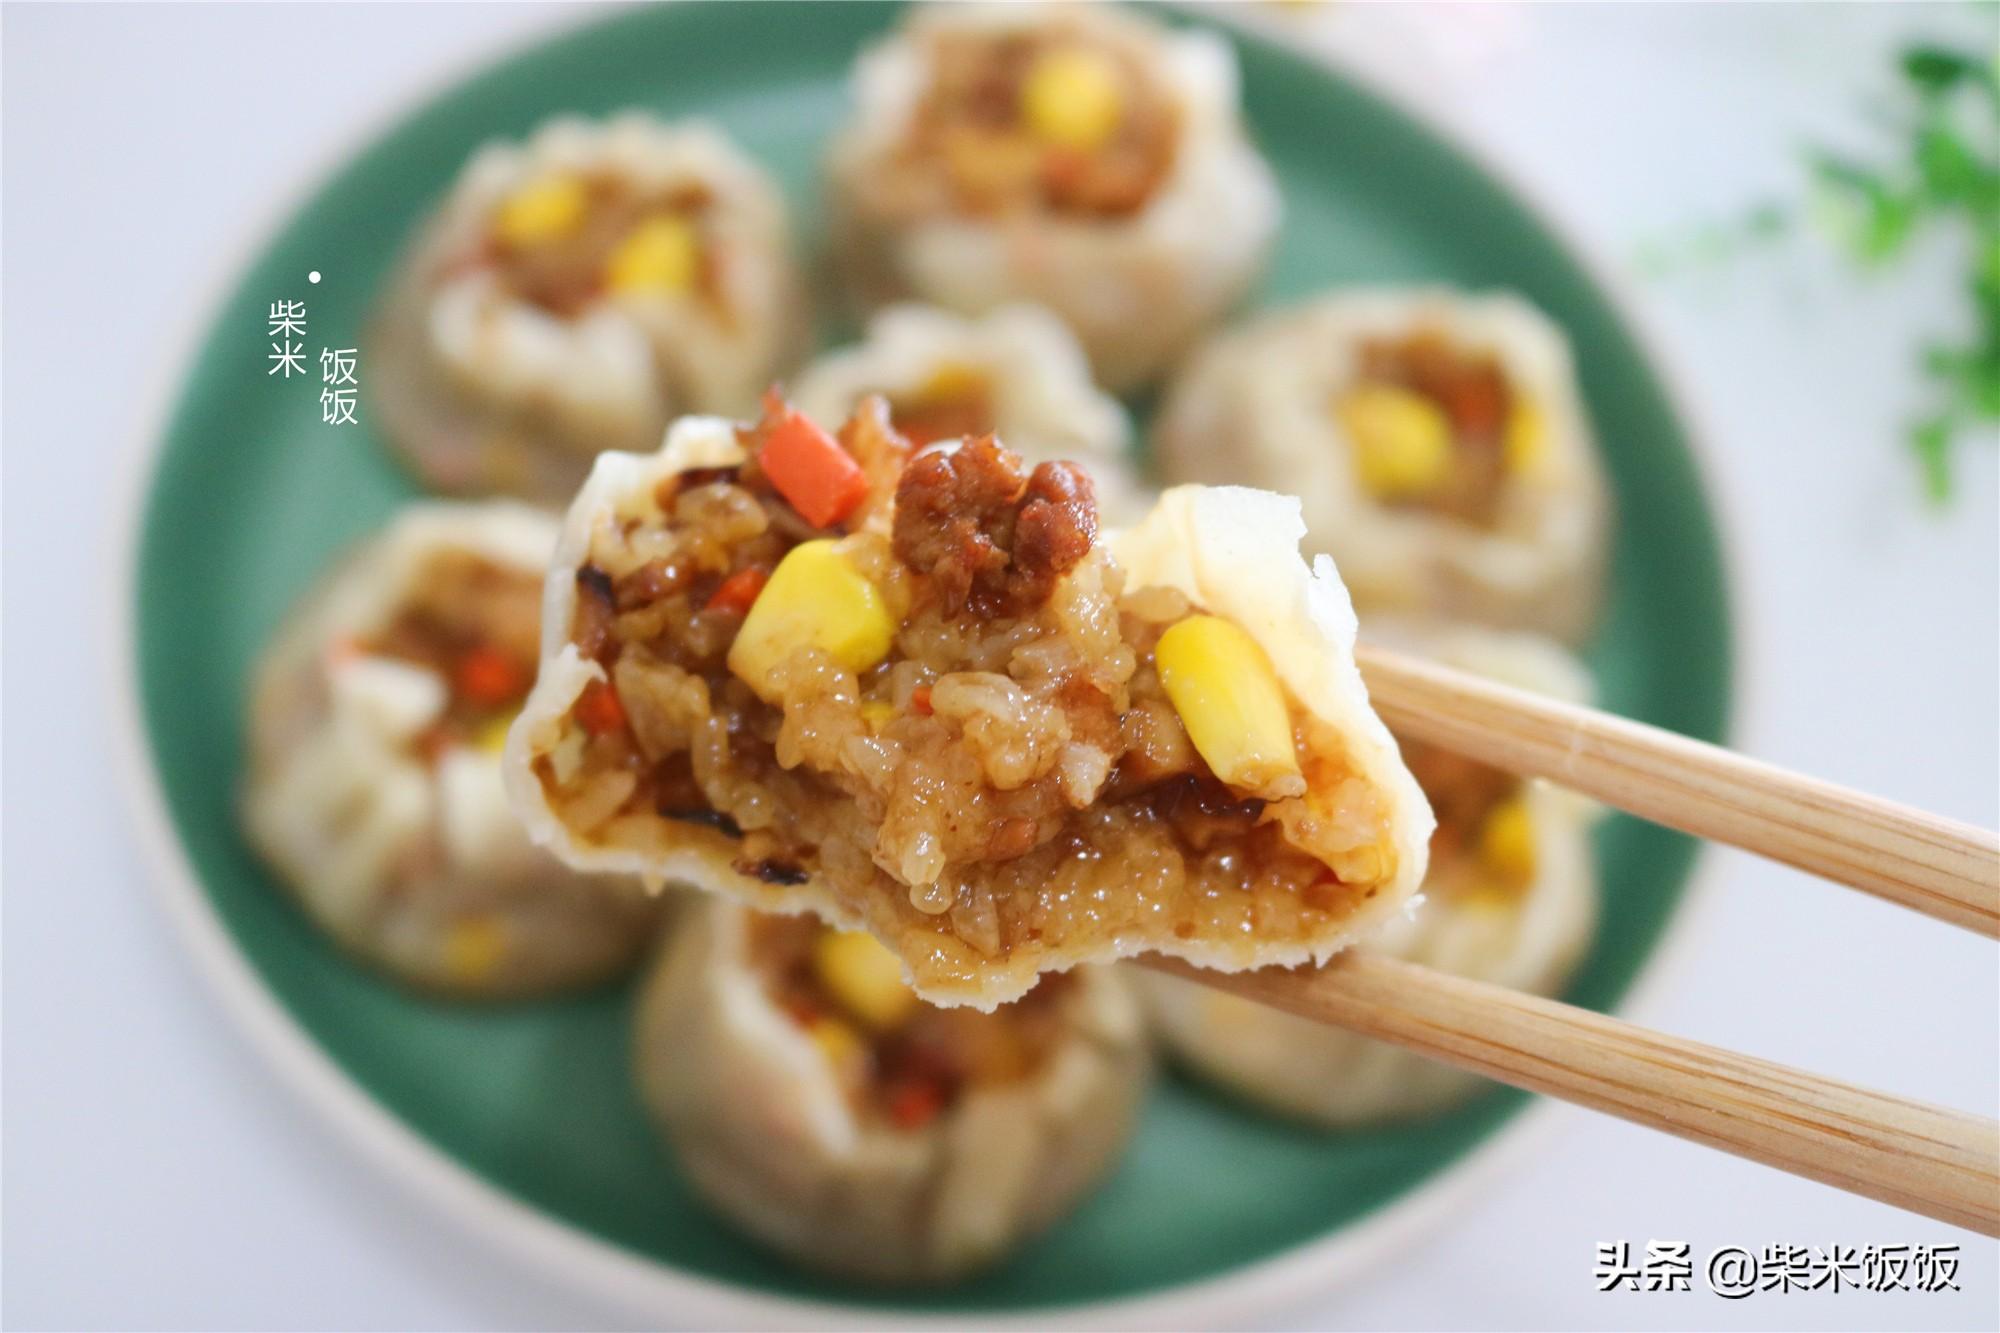 孩子点名要吃的烧麦,做法比饺子简单,一锅蒸33个,凉了也好吃 美食做法 第2张